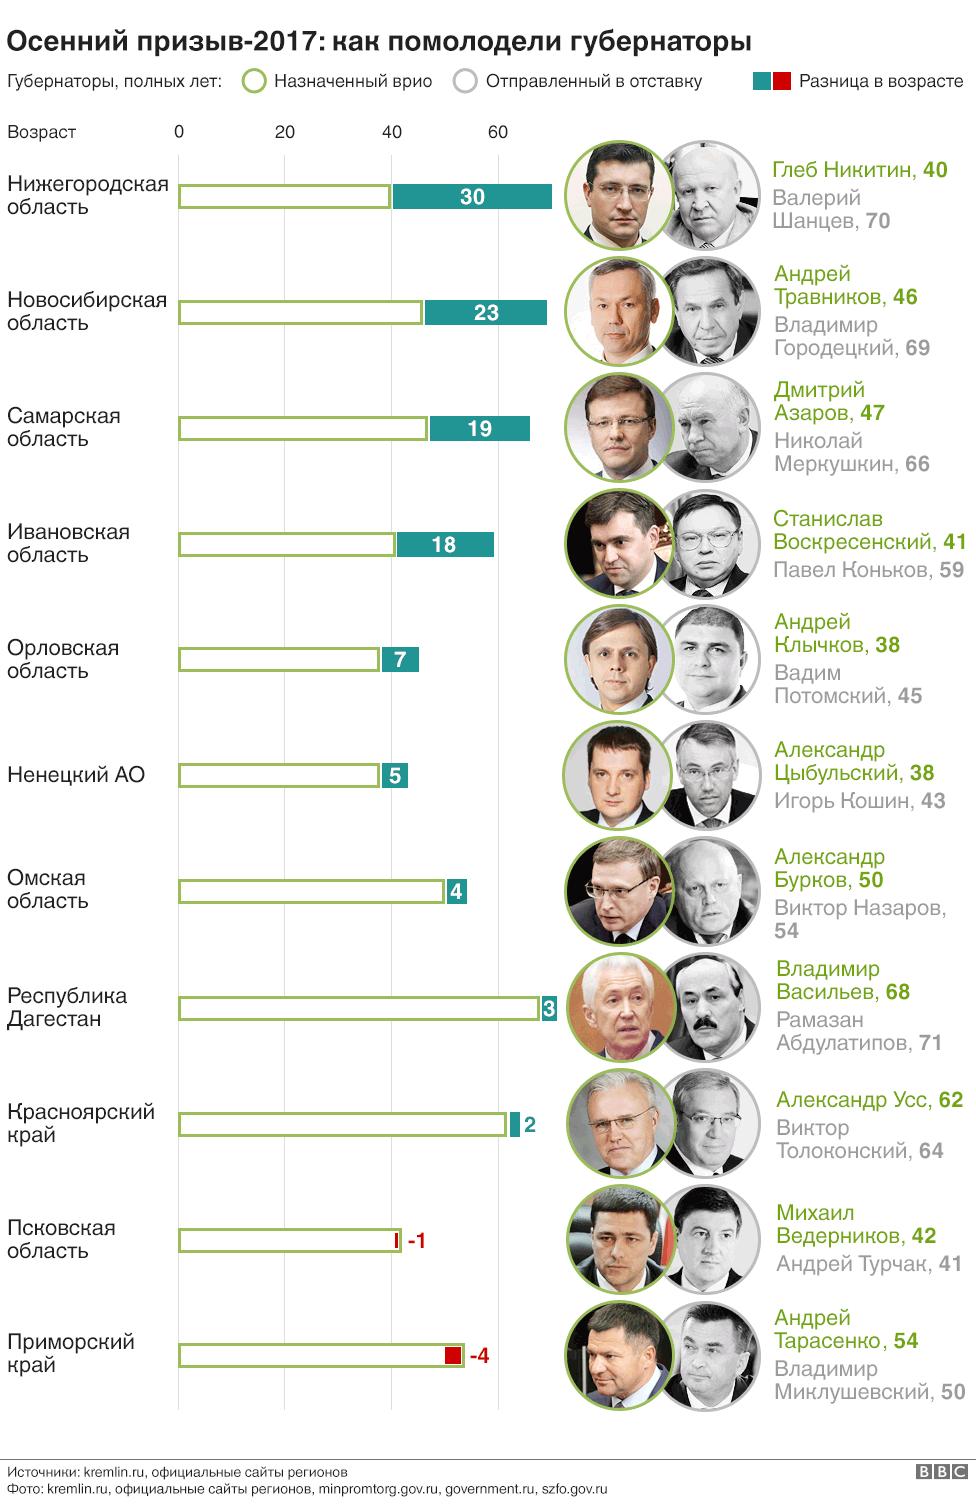 График омоложения губернаторов